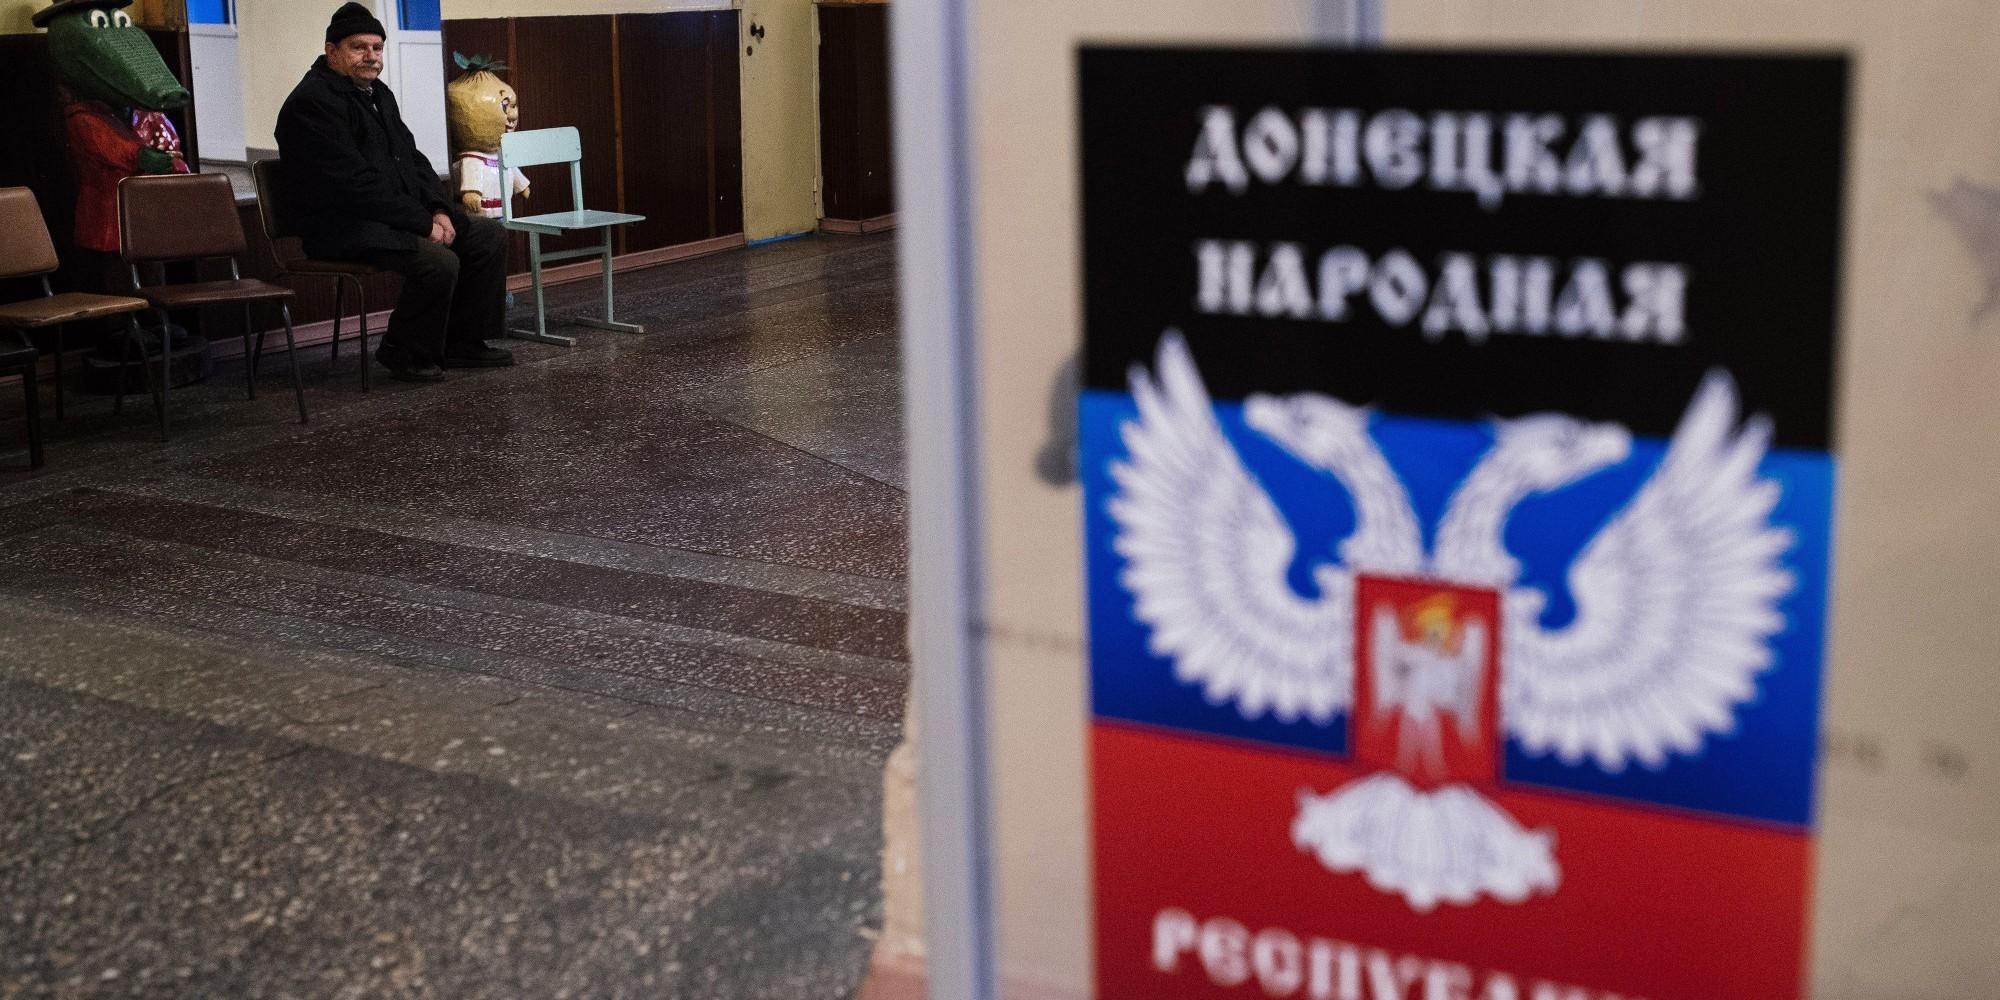 برگزاری انتخابات پارلمانی و ریاست جمهوری استقلال طلبان شرق اوکراین